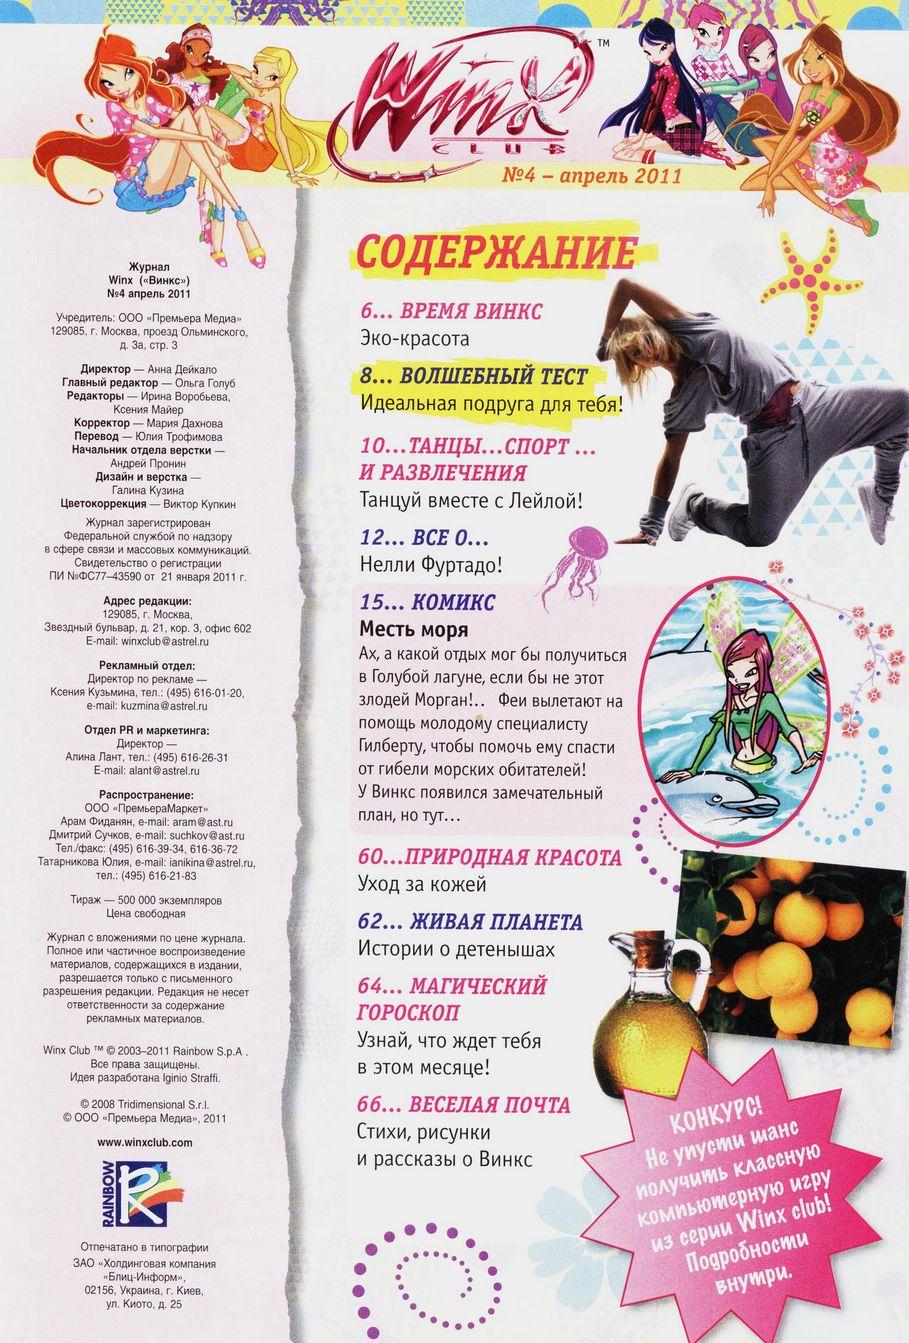 Комикс Винкс Winx - Месть моря (Журнал Винкс №4 2011) - стр. 4